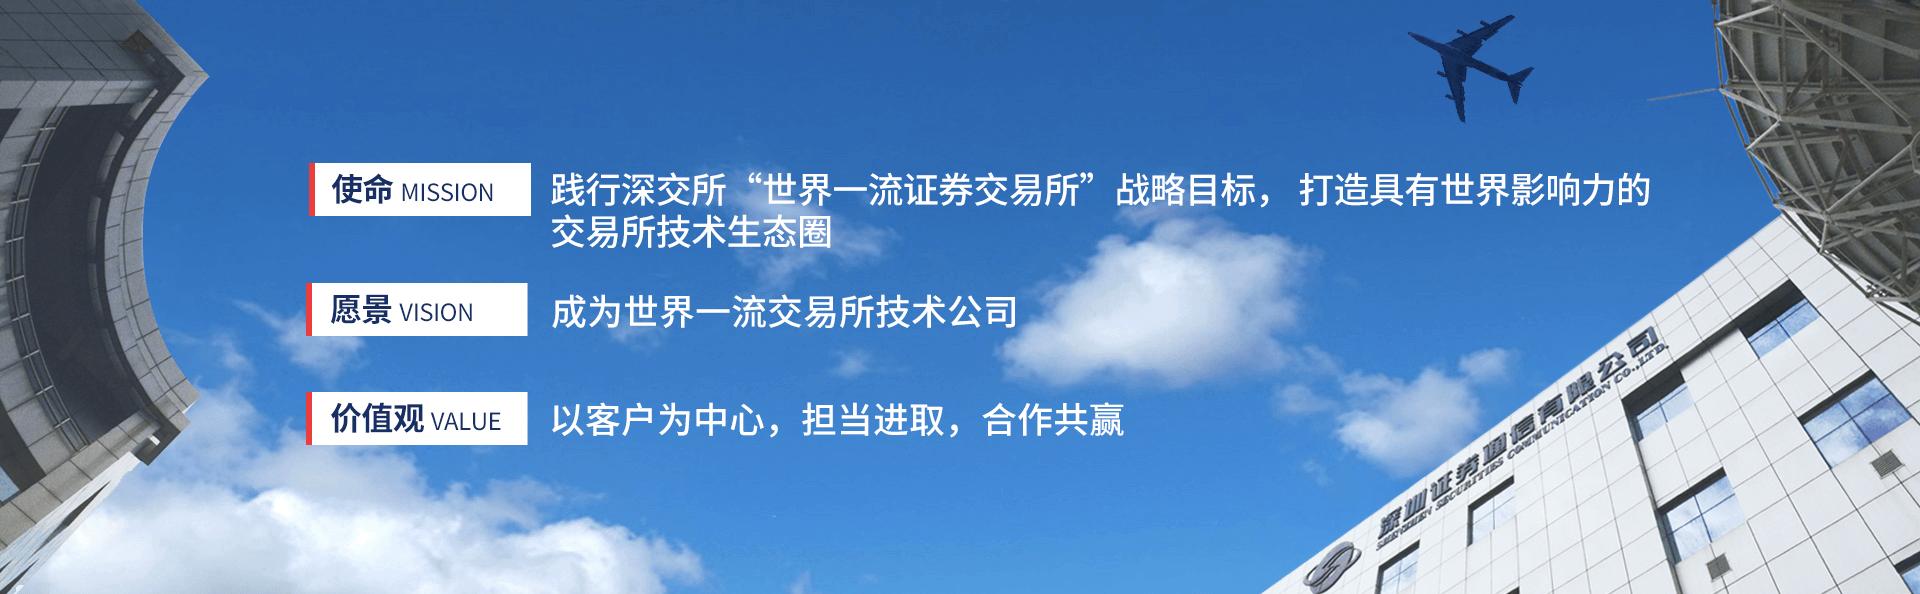 """新战略""""使命、愿景、价值观"""".png"""